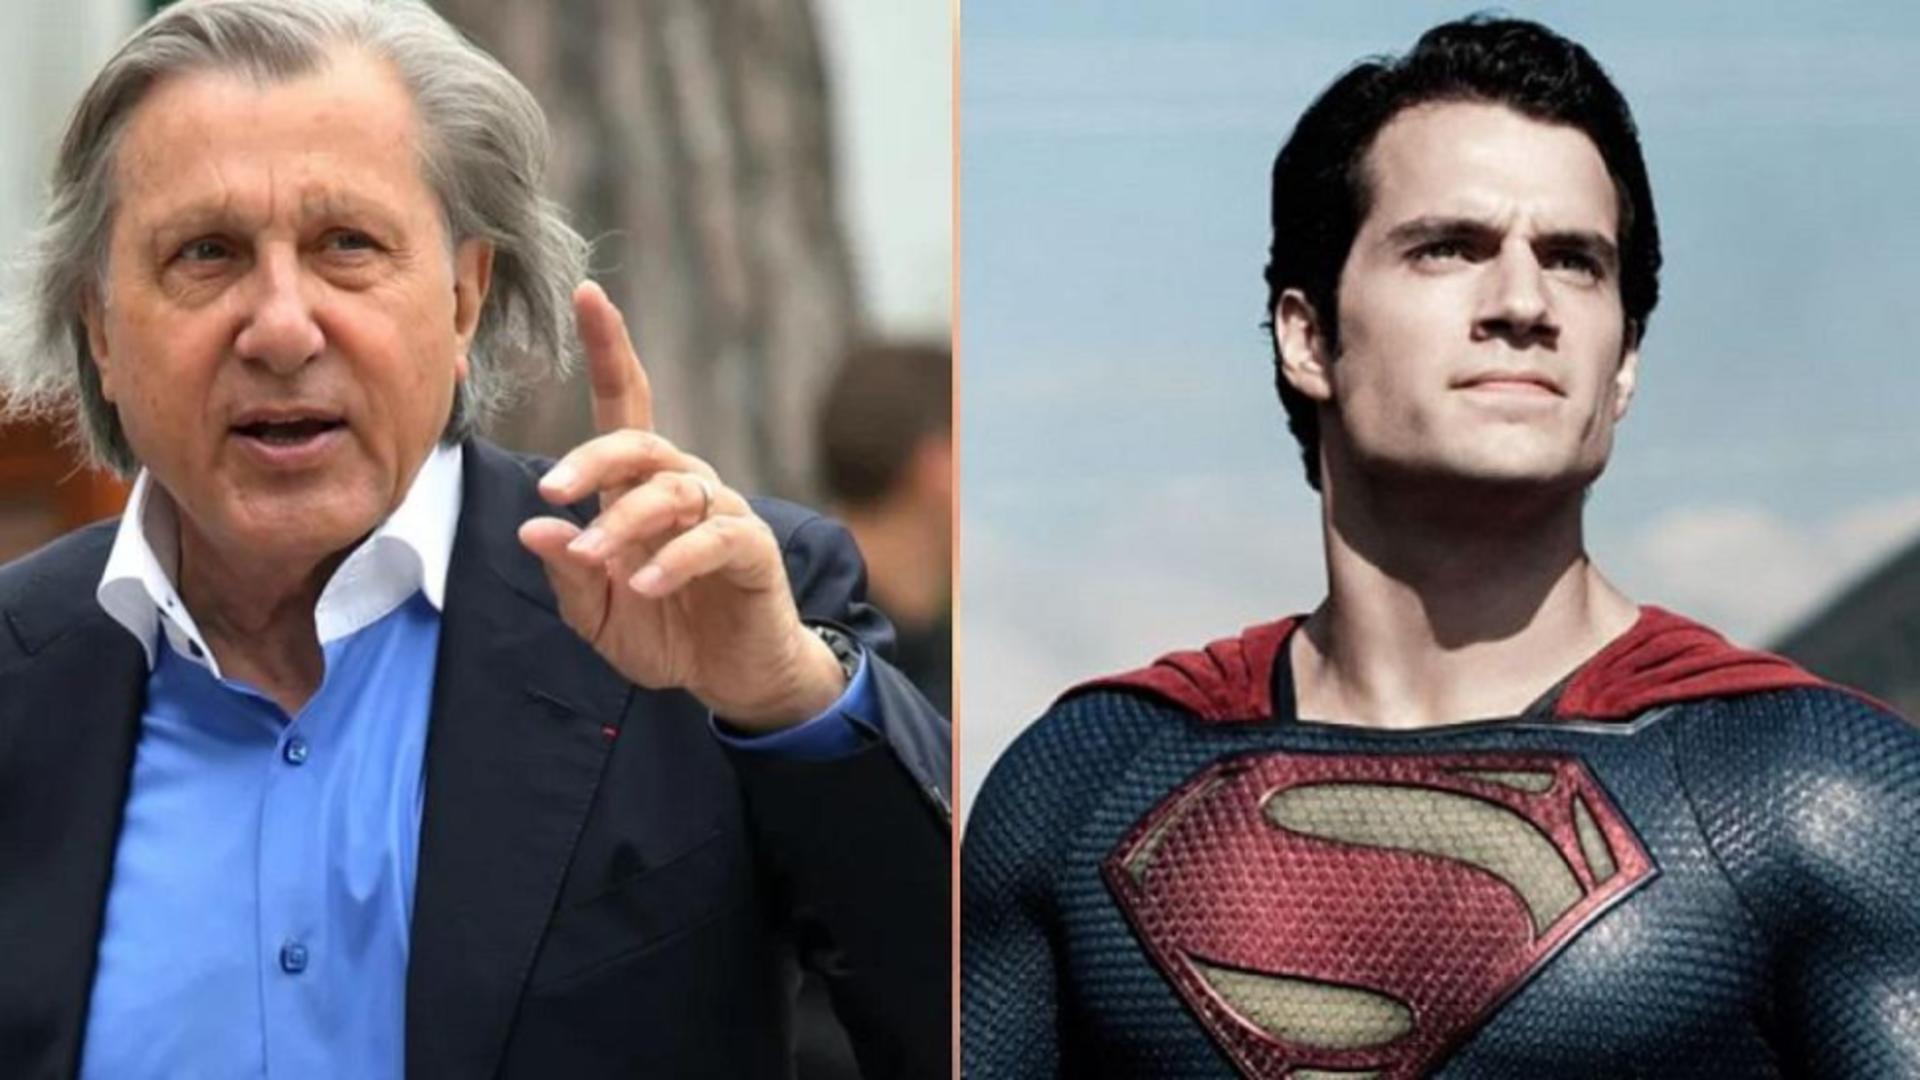 Ilie Năstase, aka Superman